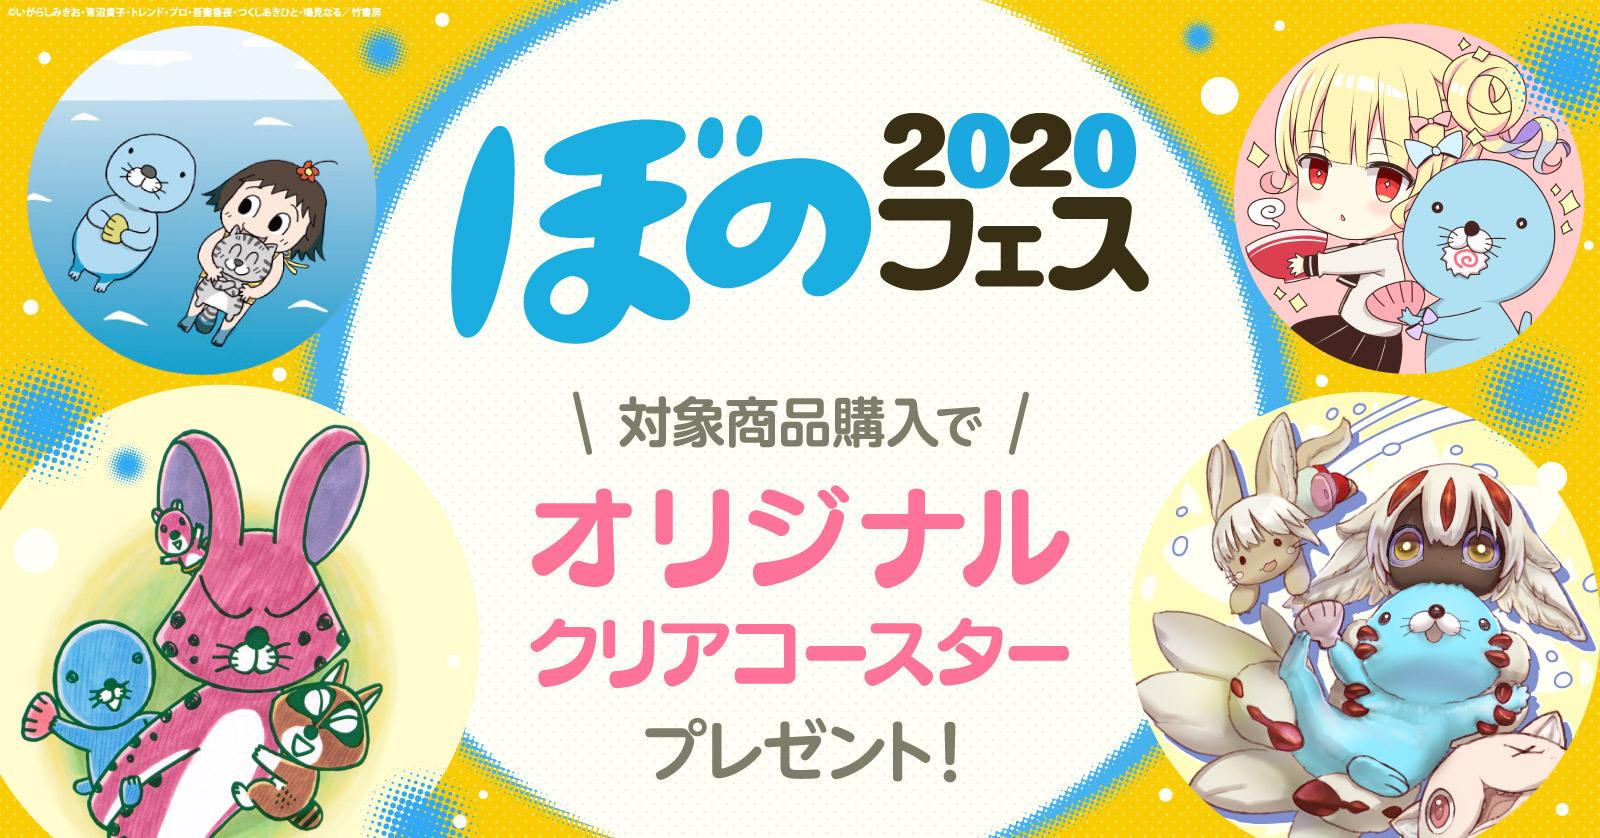 竹書房の全力コミックスフェア ぼのフェス2020 開催中!! 対象商品購入で描き下ろしオリジナルクリアコースタープレゼント